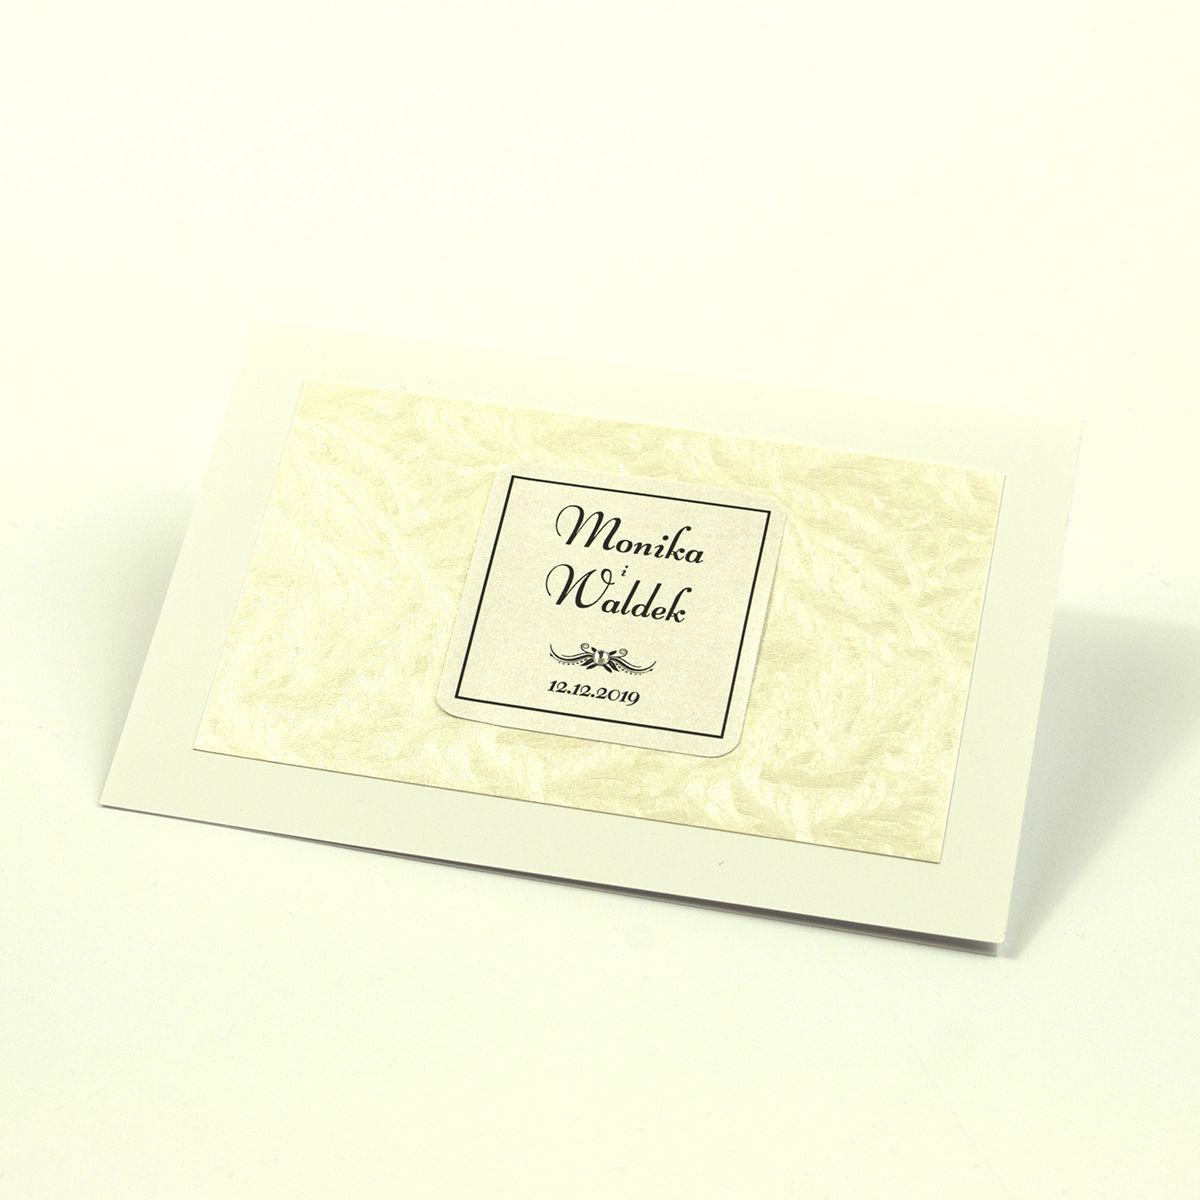 Eleganckie zaproszenia ślubne z cyrkonią oraz papierem ozdobnym z teksturą mrozu, na który przyklejony jest motyw tekstowy. ZAP-72-36